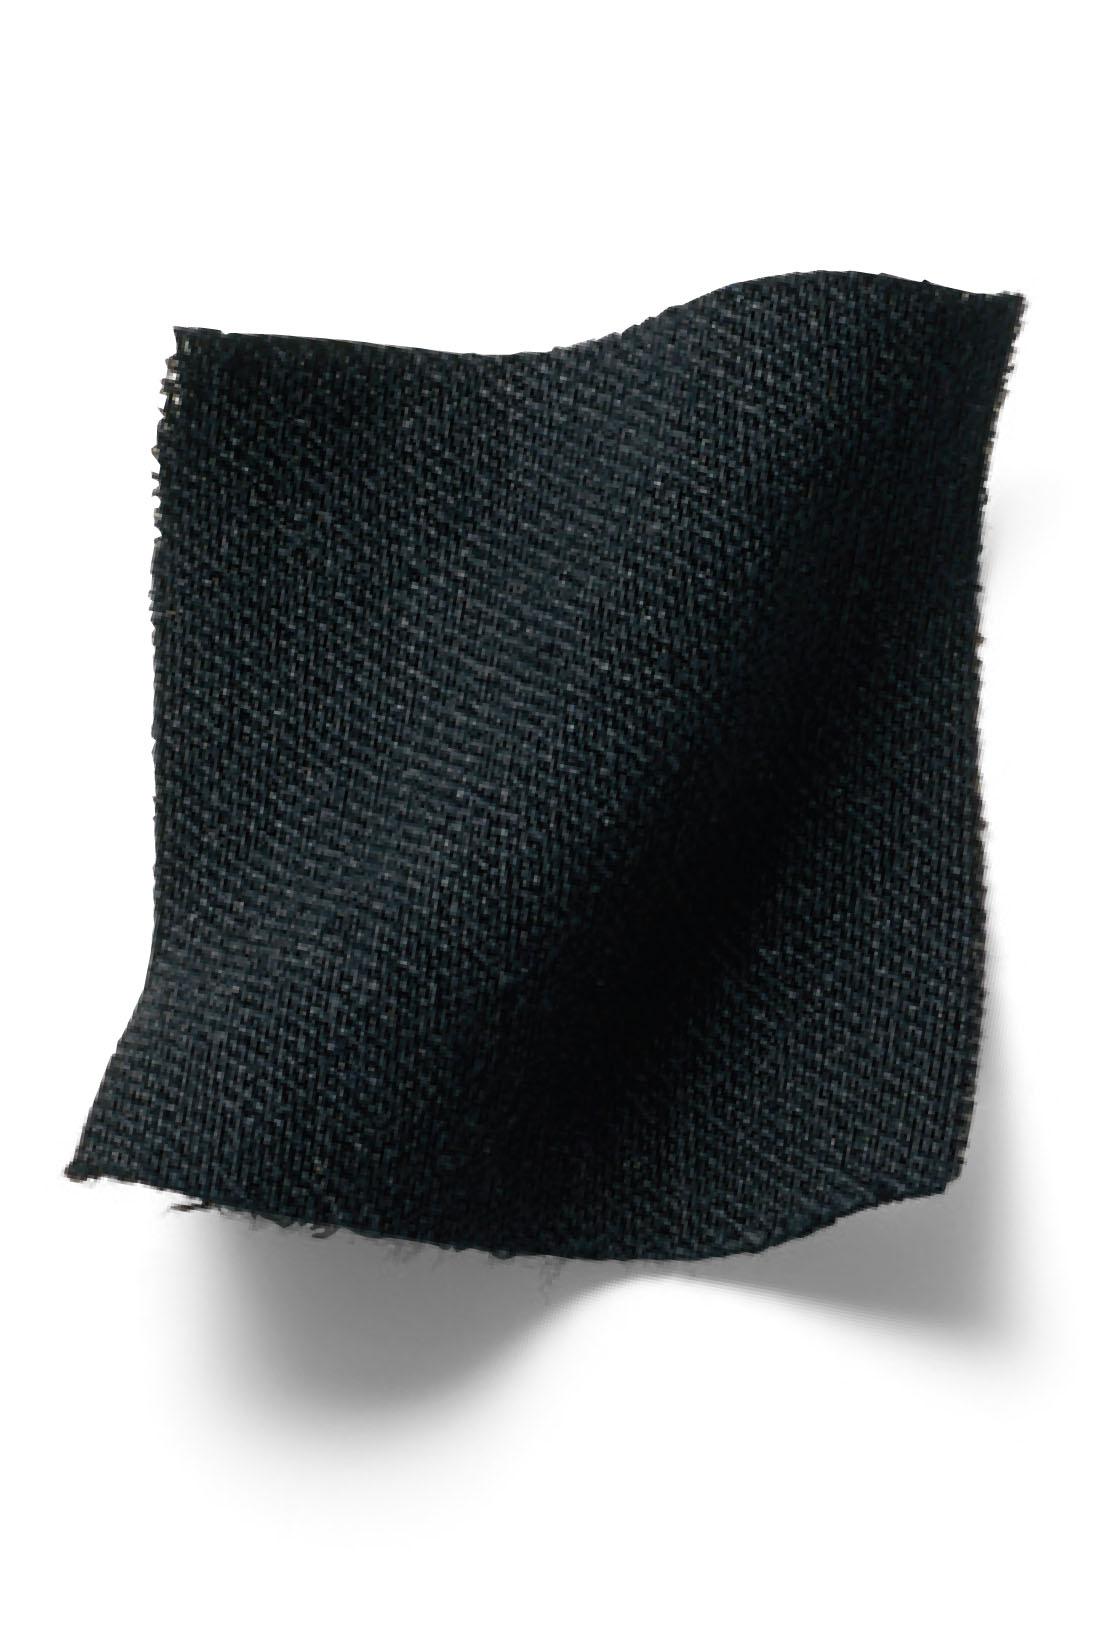 リブイン史上最軽量の軽やか素材だから春夏にぴったり。 ※お届けするカラーとは異なります。